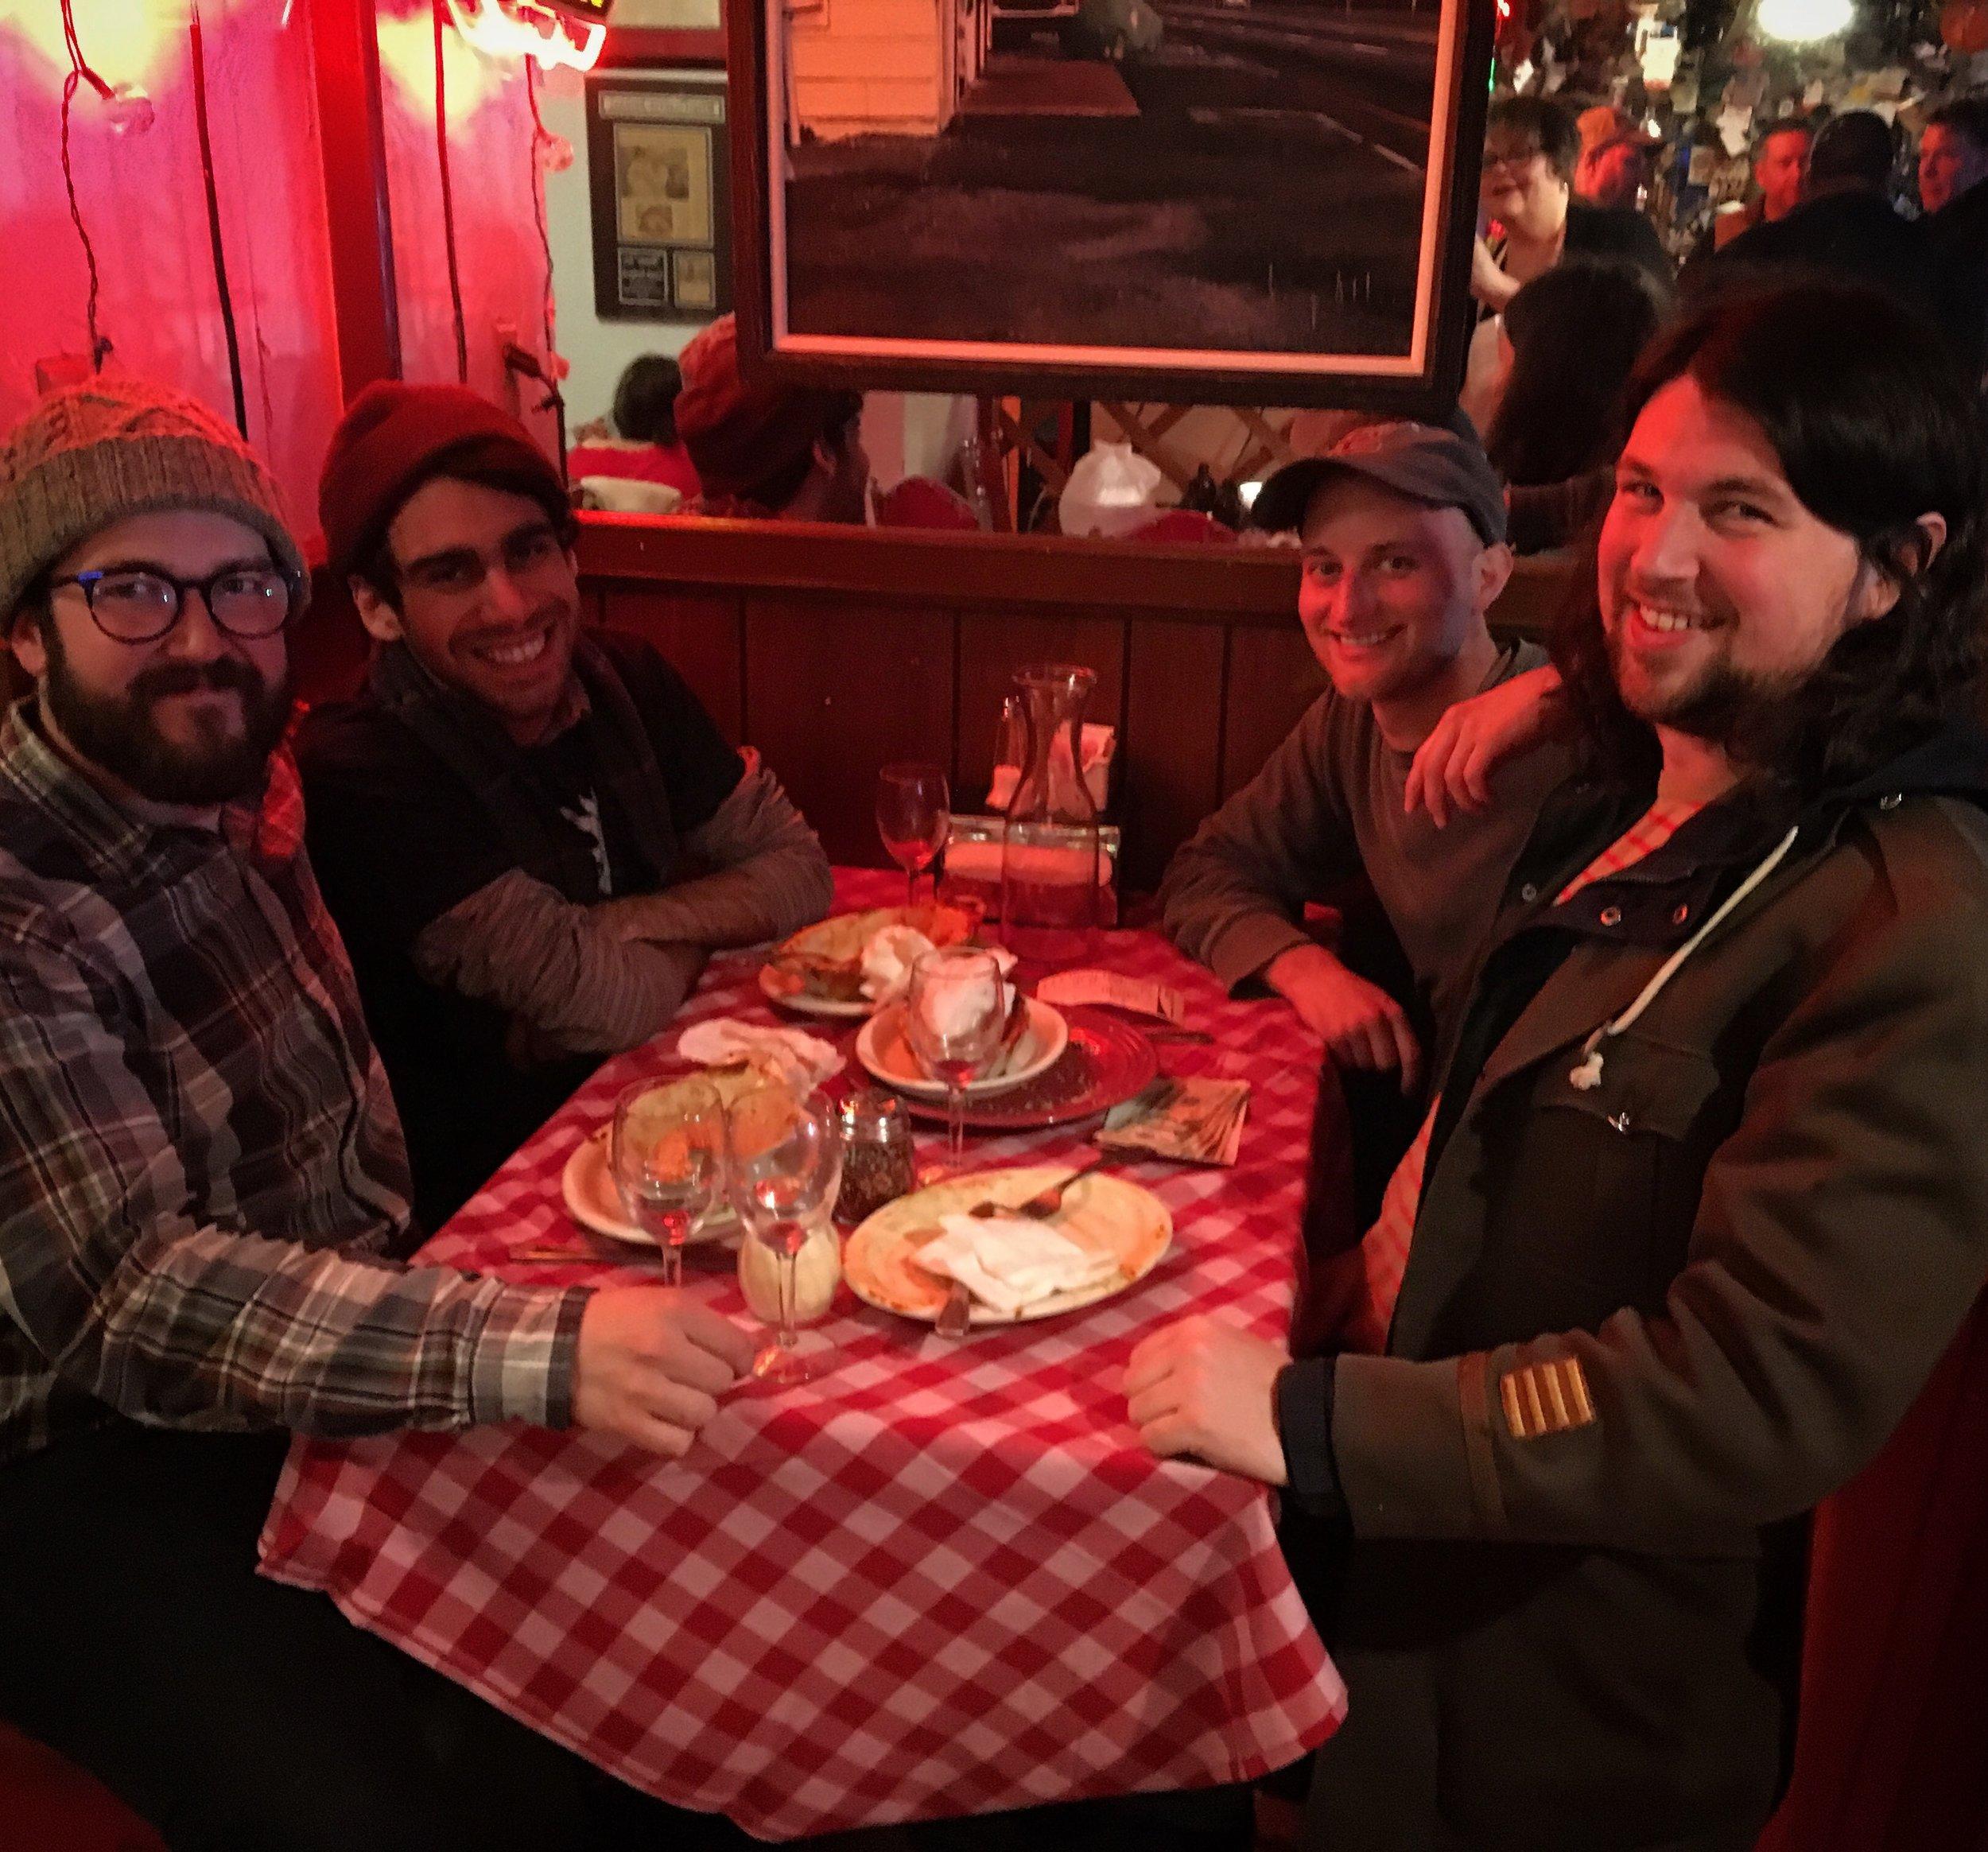 Enjoying a lasagna at the Halfway Club